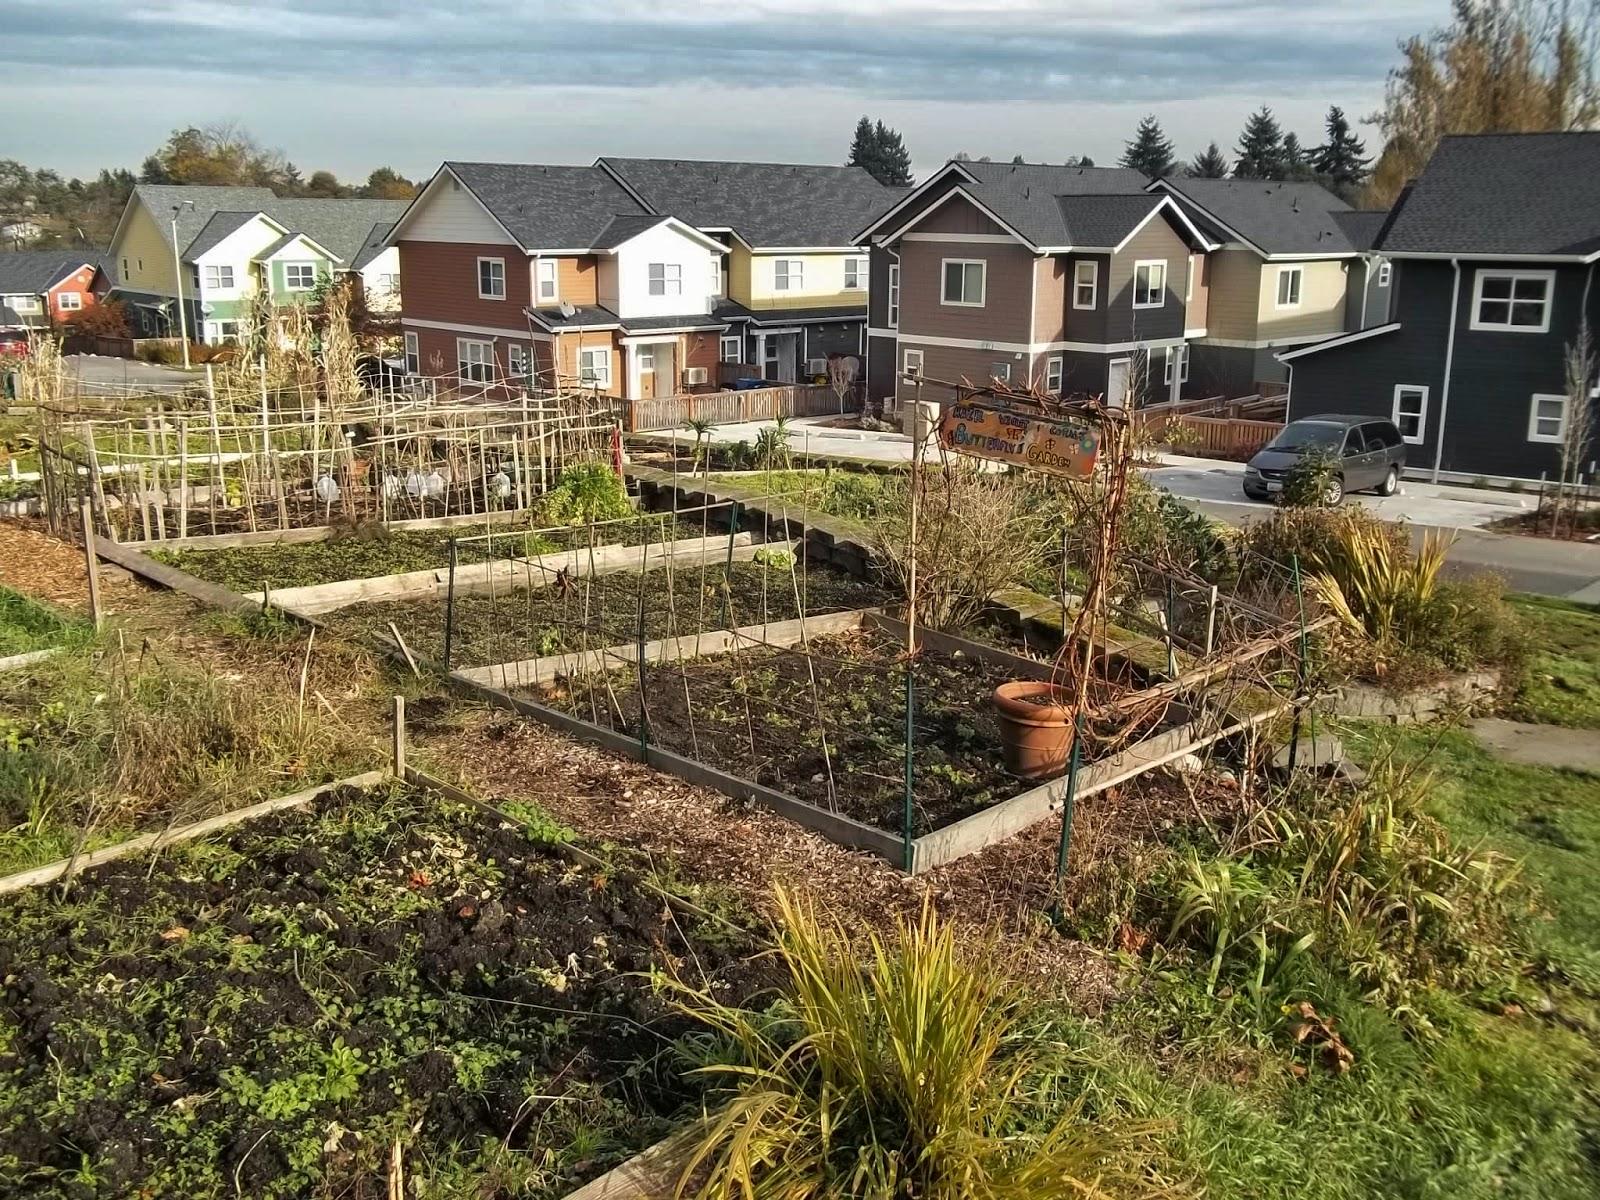 Urban Landscape, Native Landscape: Seattle Community Farm at Rainier ...